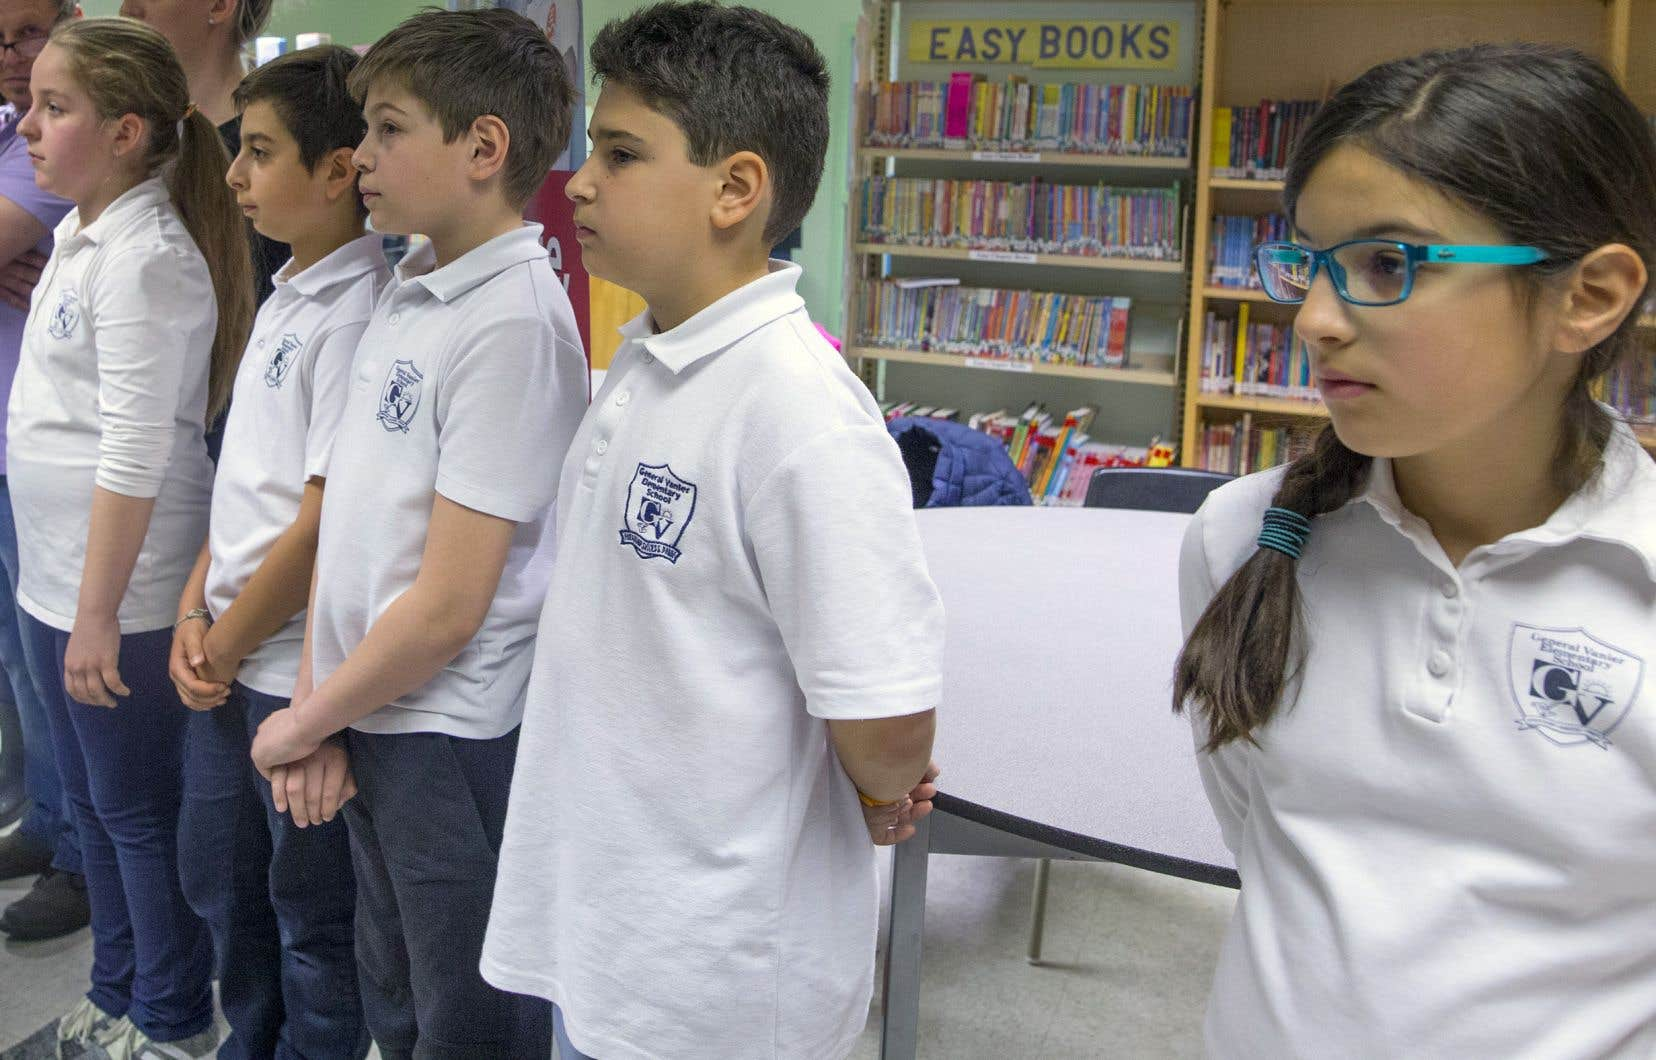 «Le nombre d'élèves peut bien être à la baisse, mais les communautés locales s'atrophient quand les écoles ferment leurs portes, et les élèves doivent se déplacer hors de leur quartier pour fréquenter une école anglaise», mentionne l'auteur.